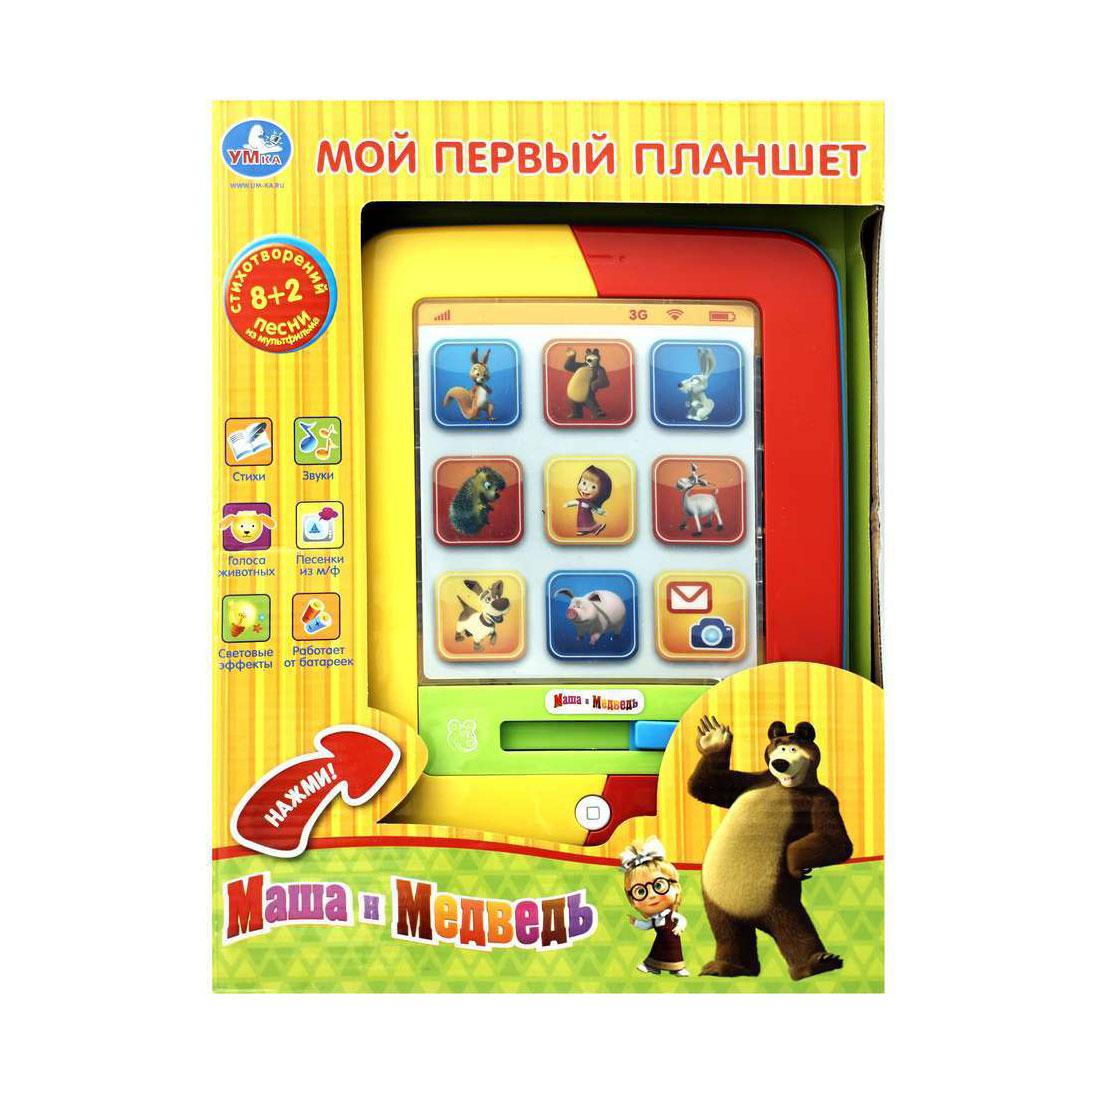 Обучающий планшет Умка Маша и медведь мой первый планшет<br>